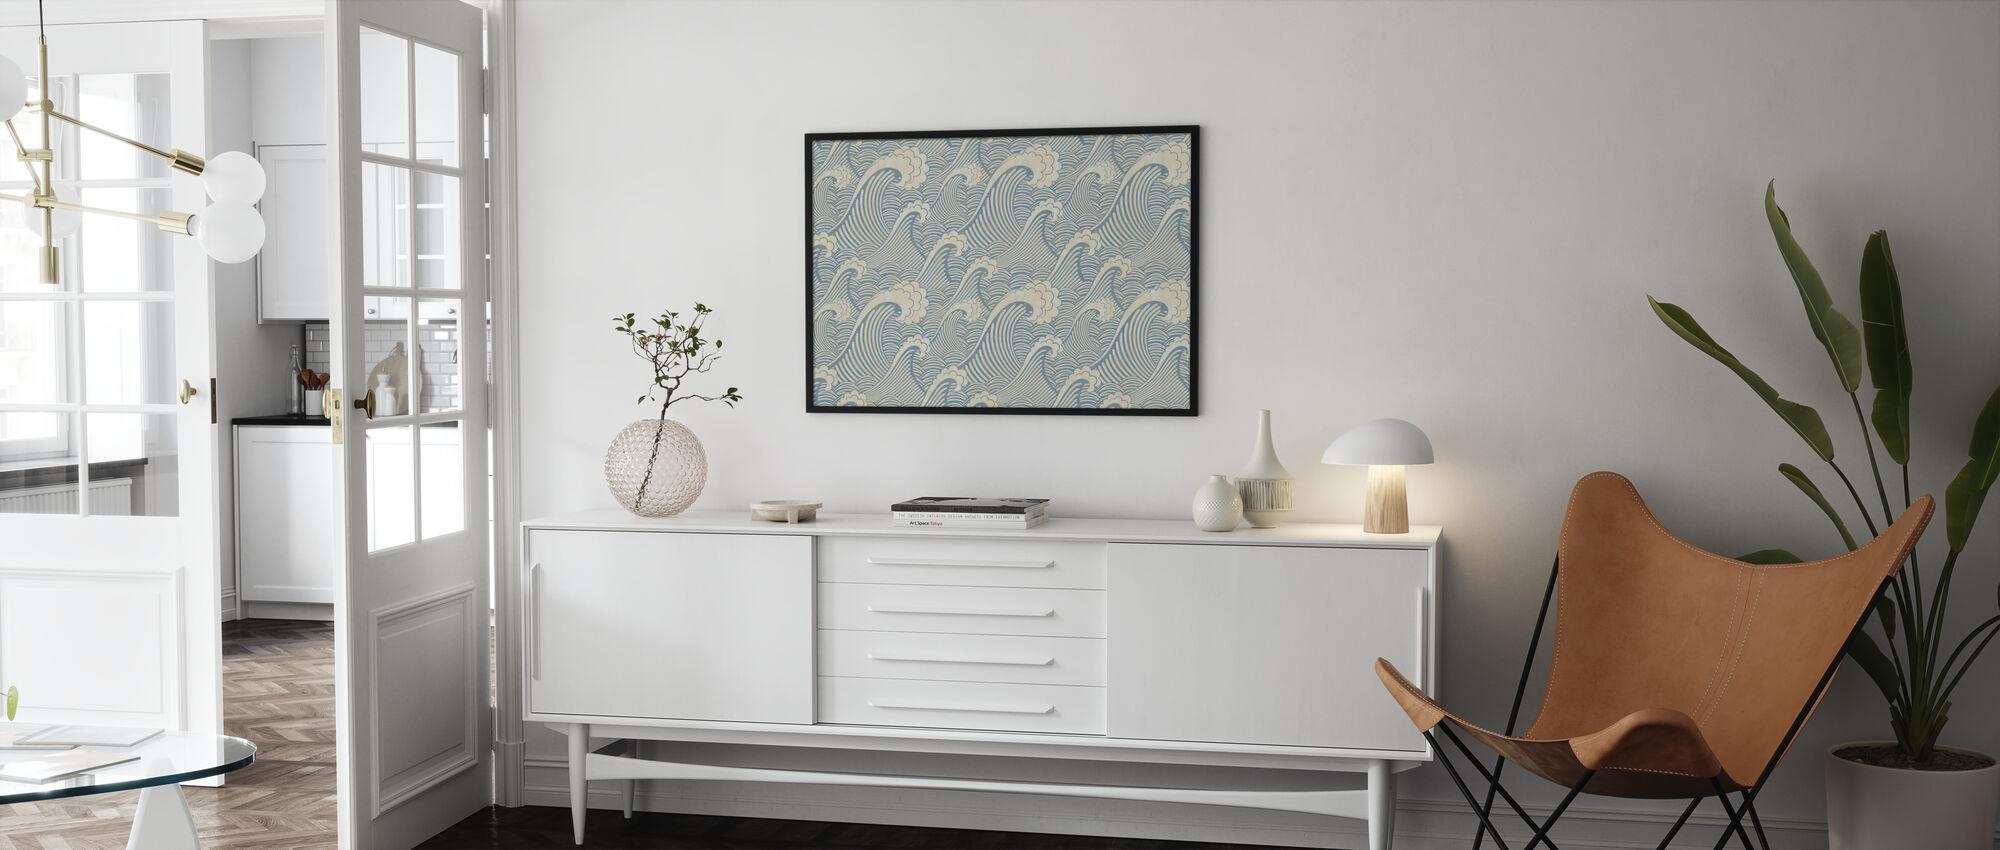 Bølger Mønster - Plakat - Stue